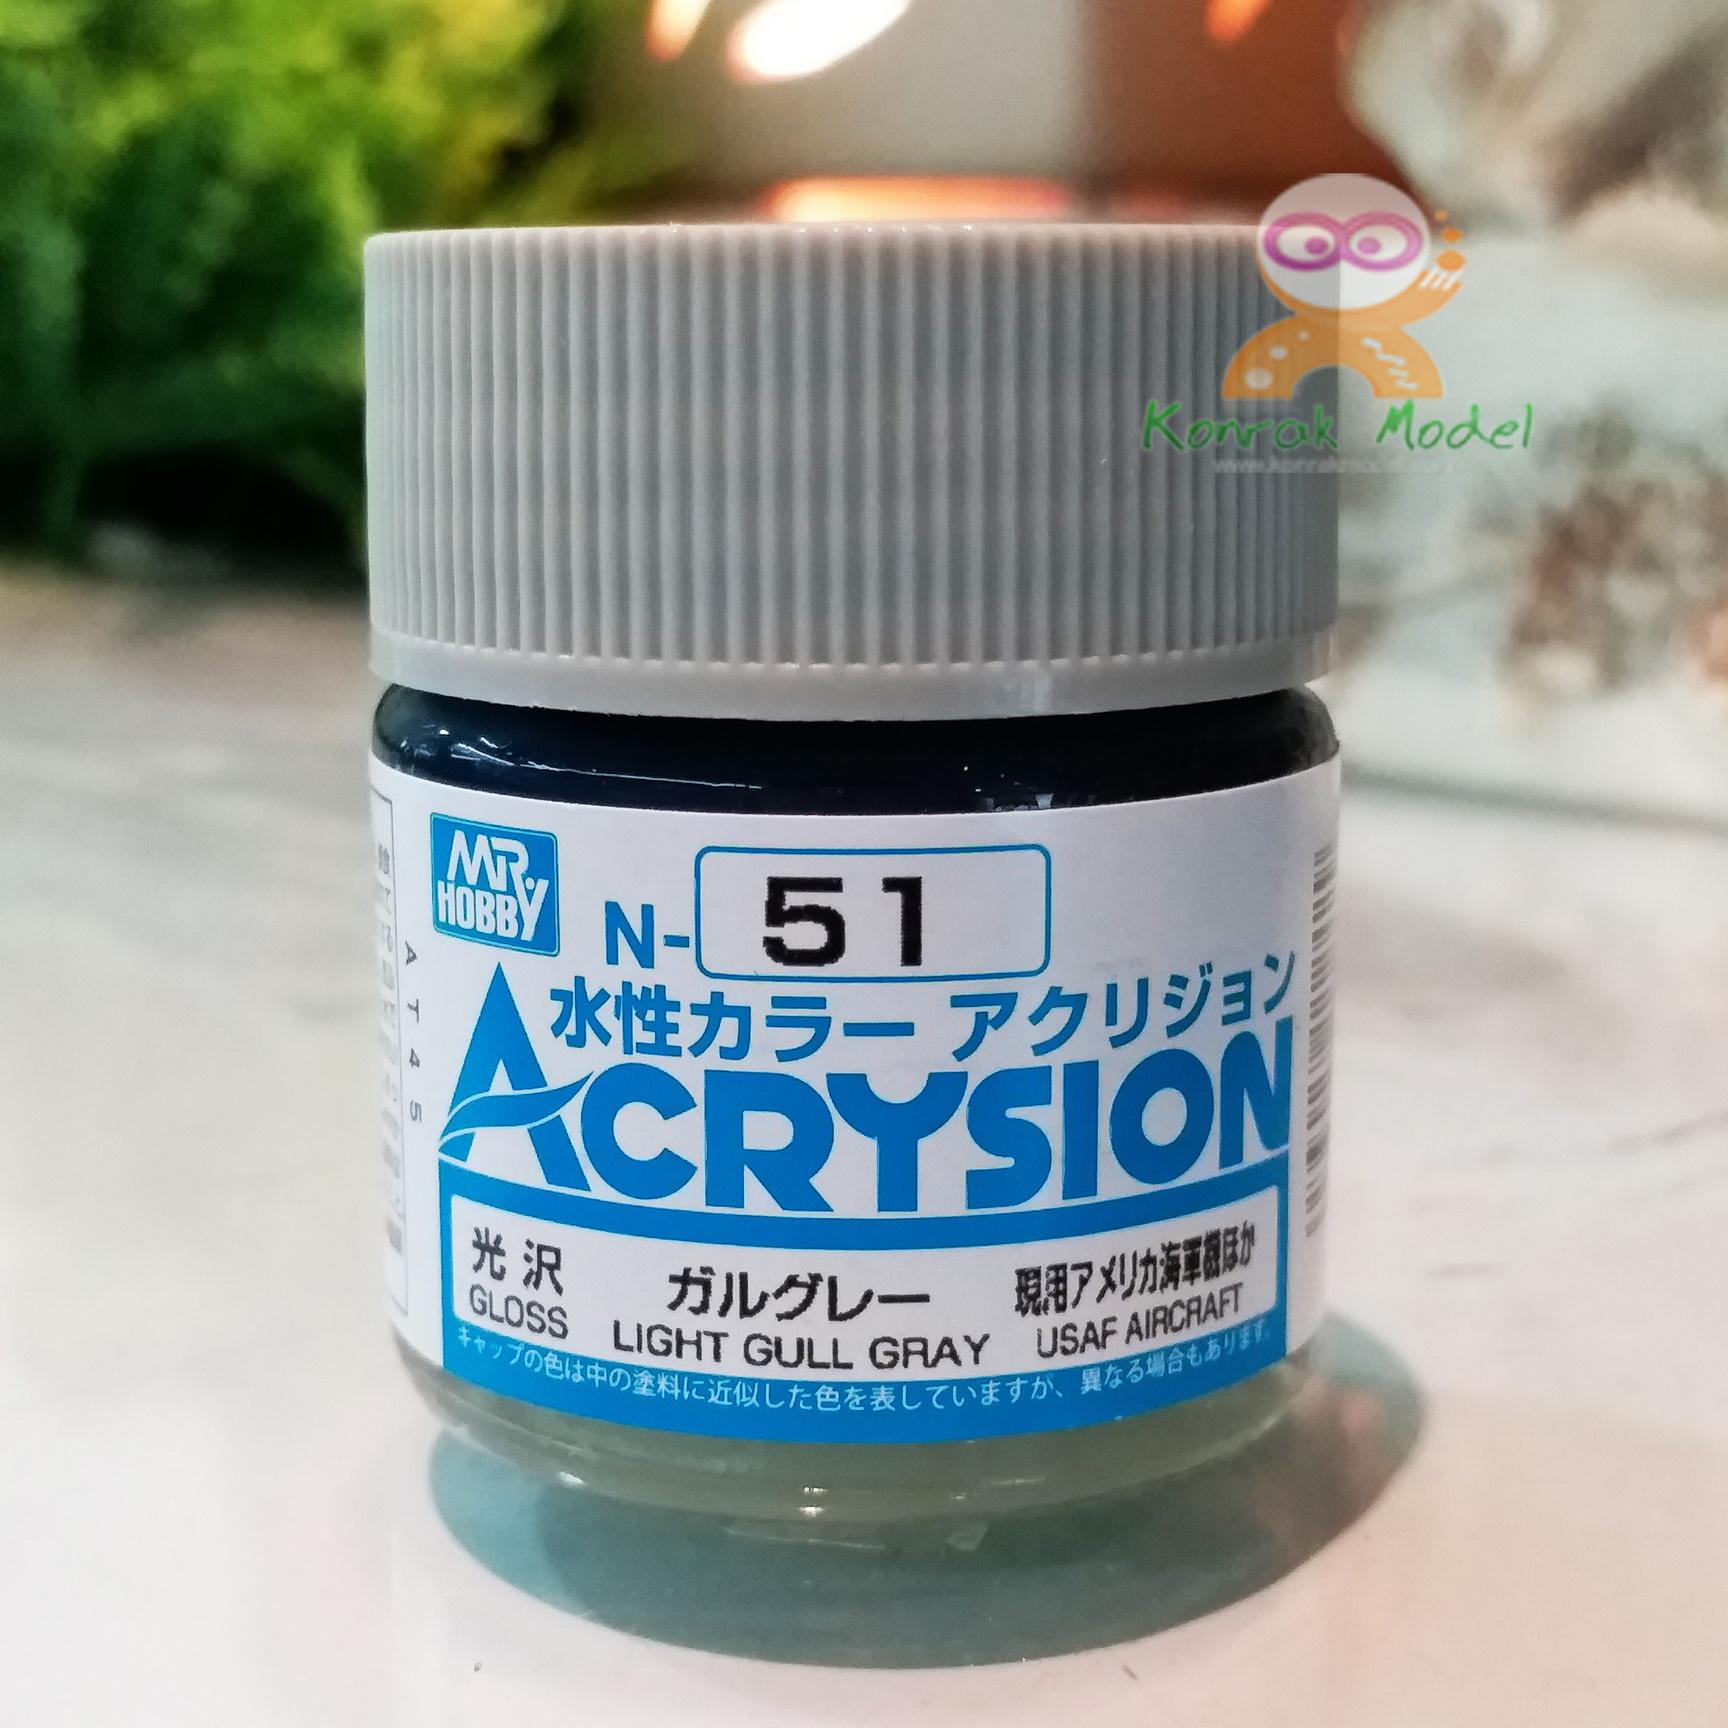 N51 LIGHT GULL GRAY (Gloss)